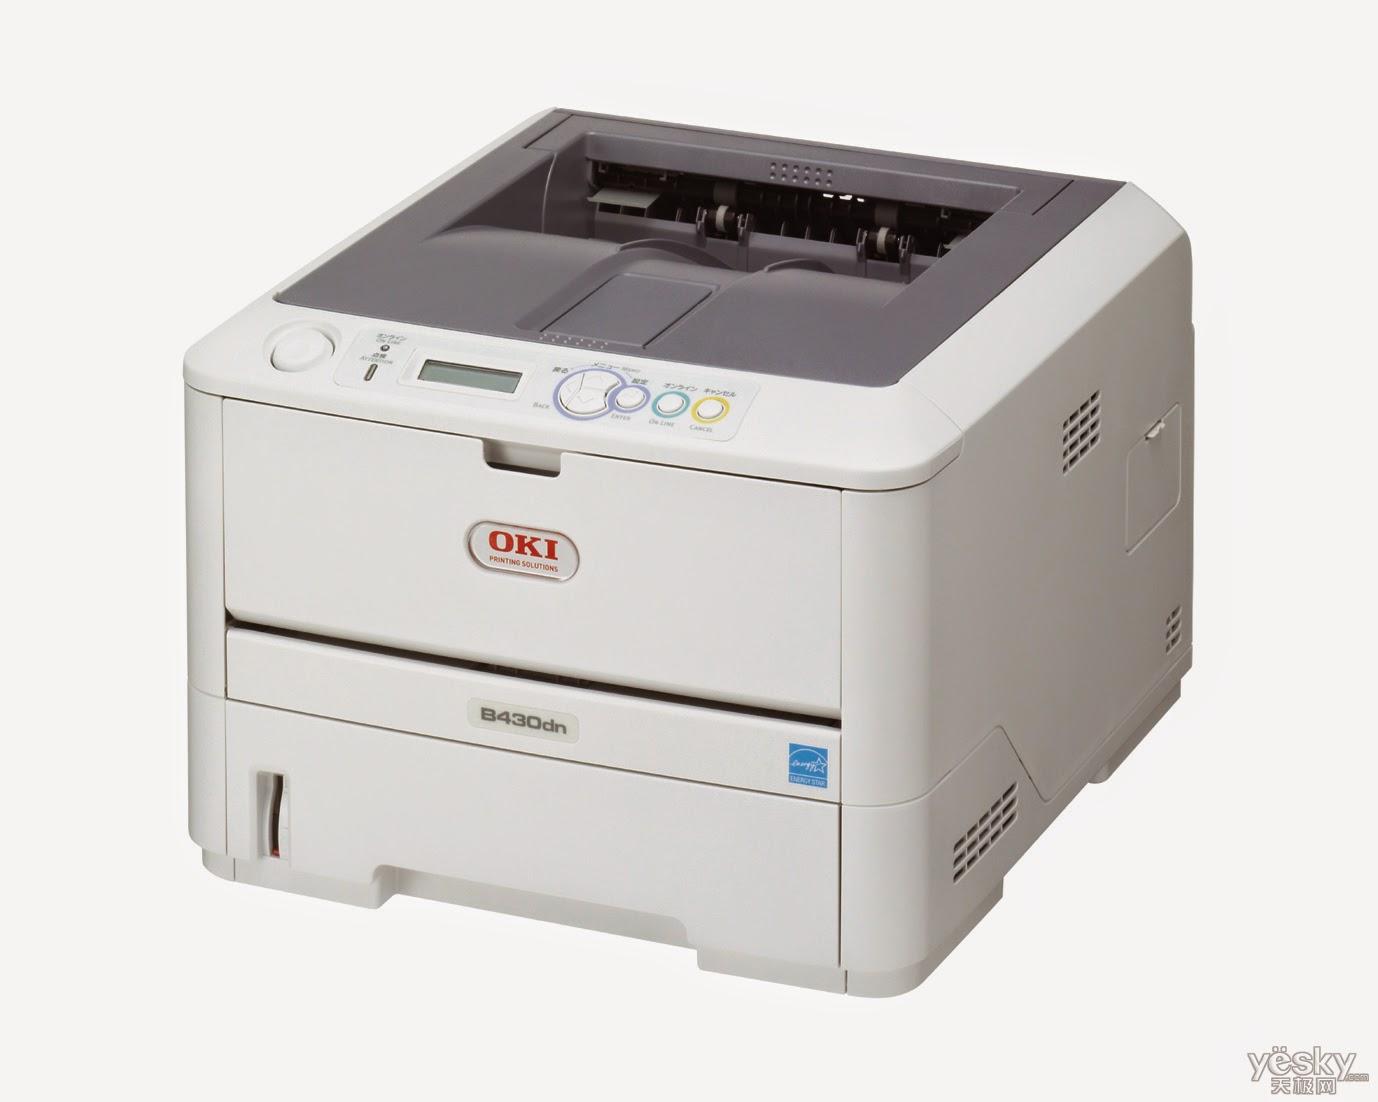 Toner Oki compatible tóner b430dn remanufacturado